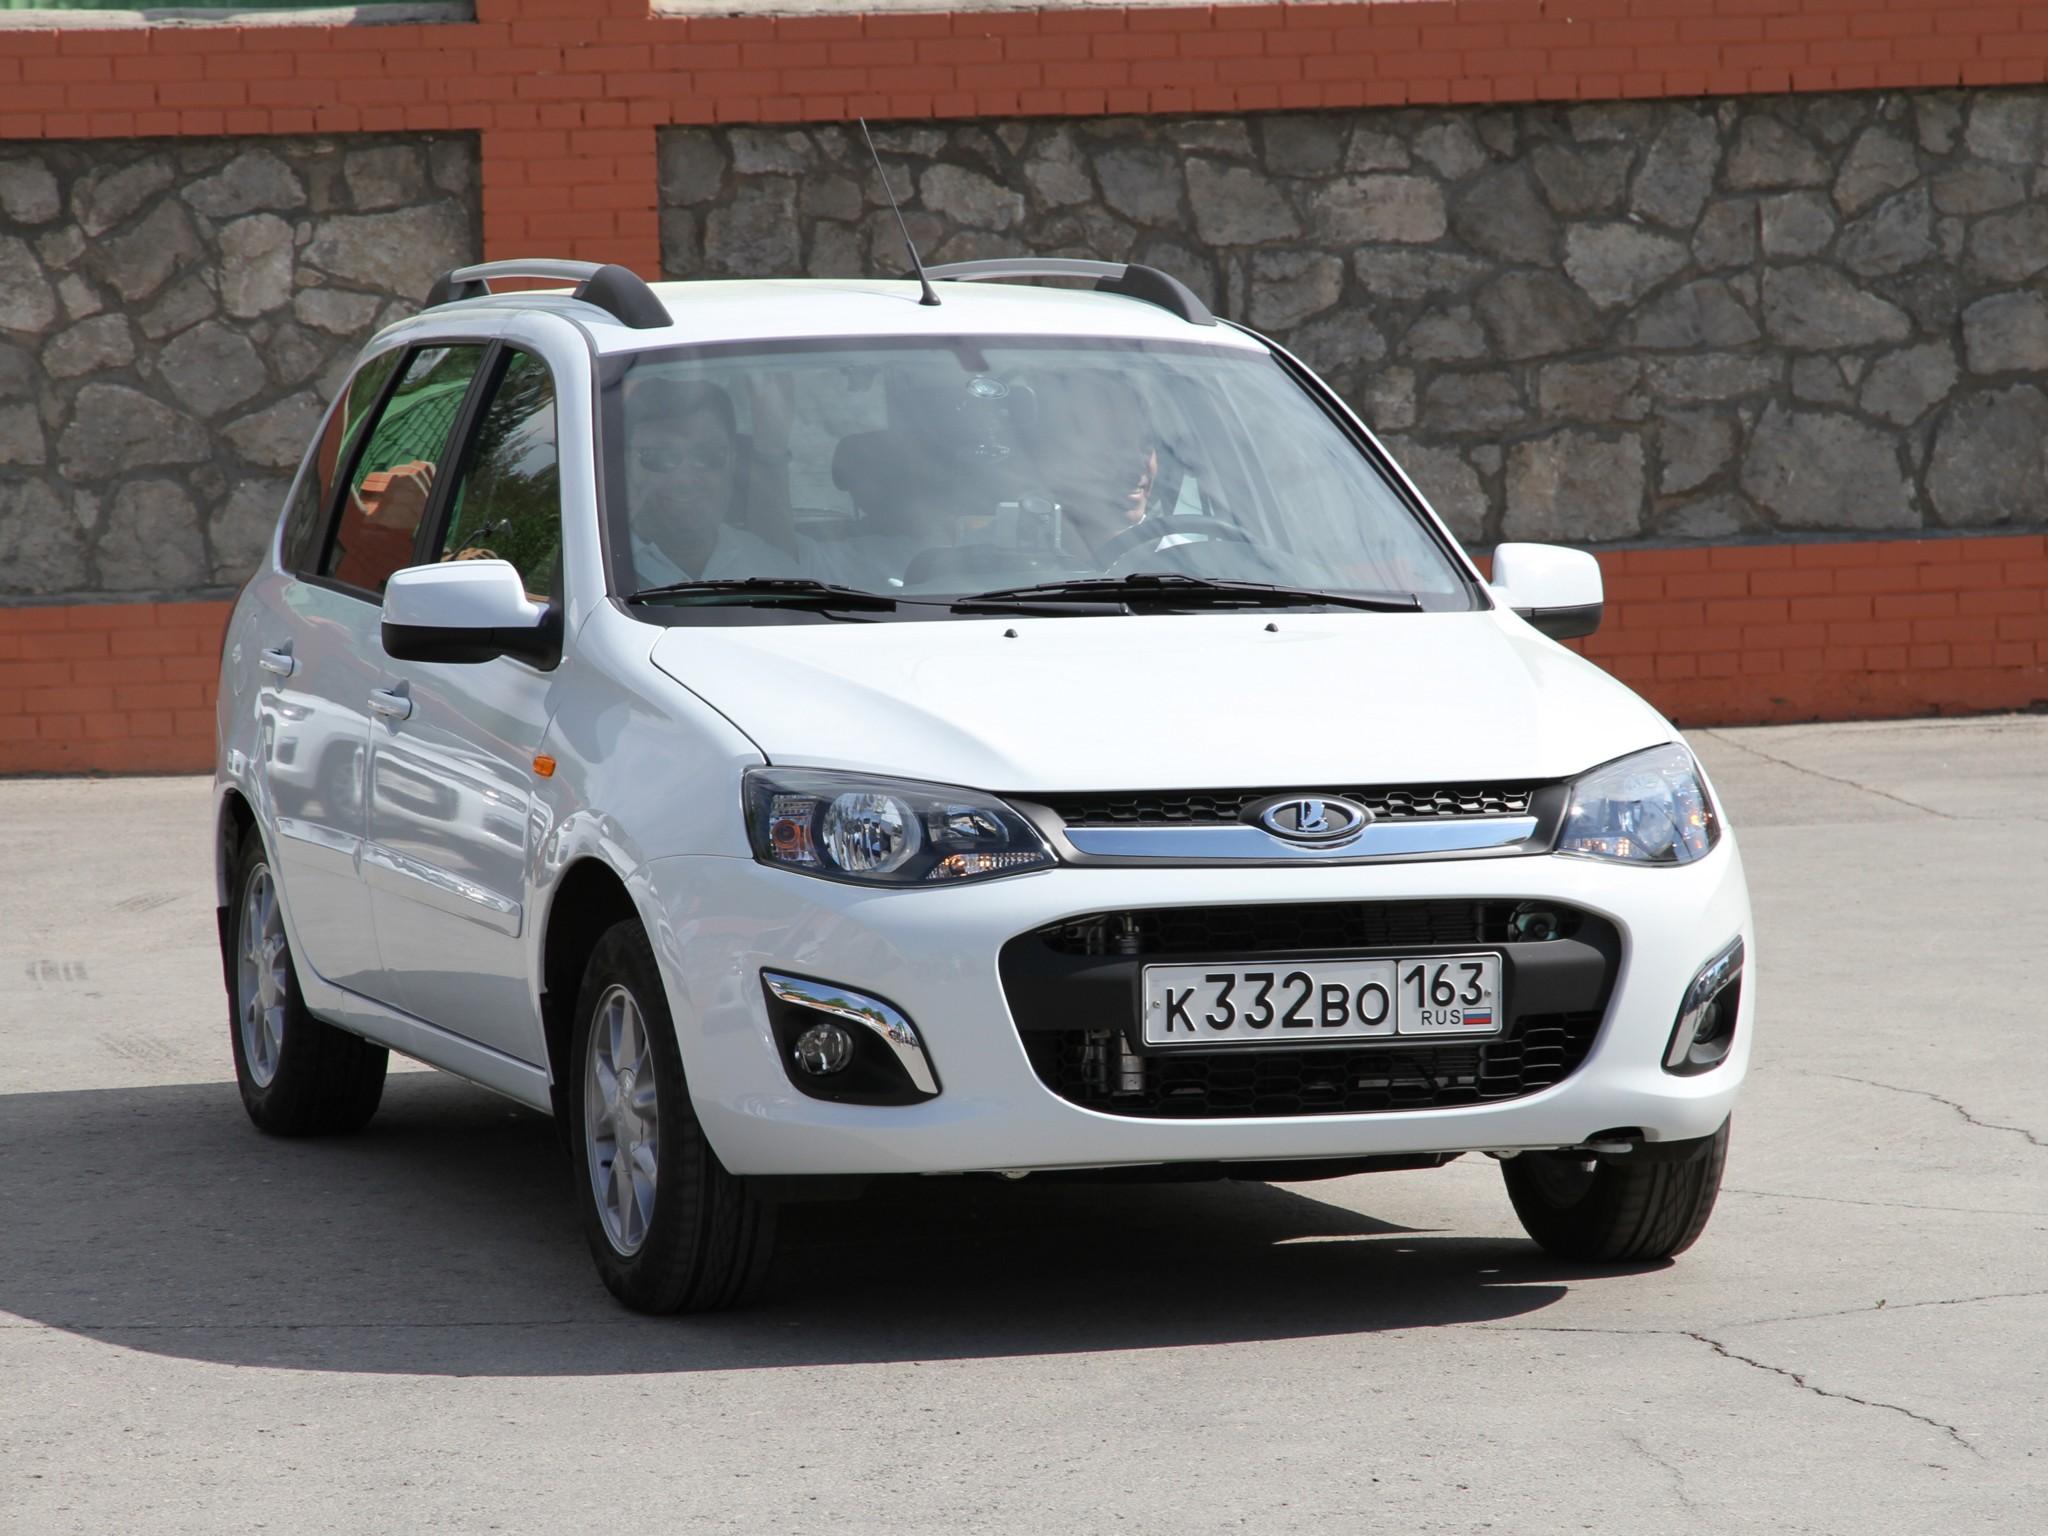 Sfondi : veicolo, LADA, 2013, Hyundai, Berlina, netcarshow